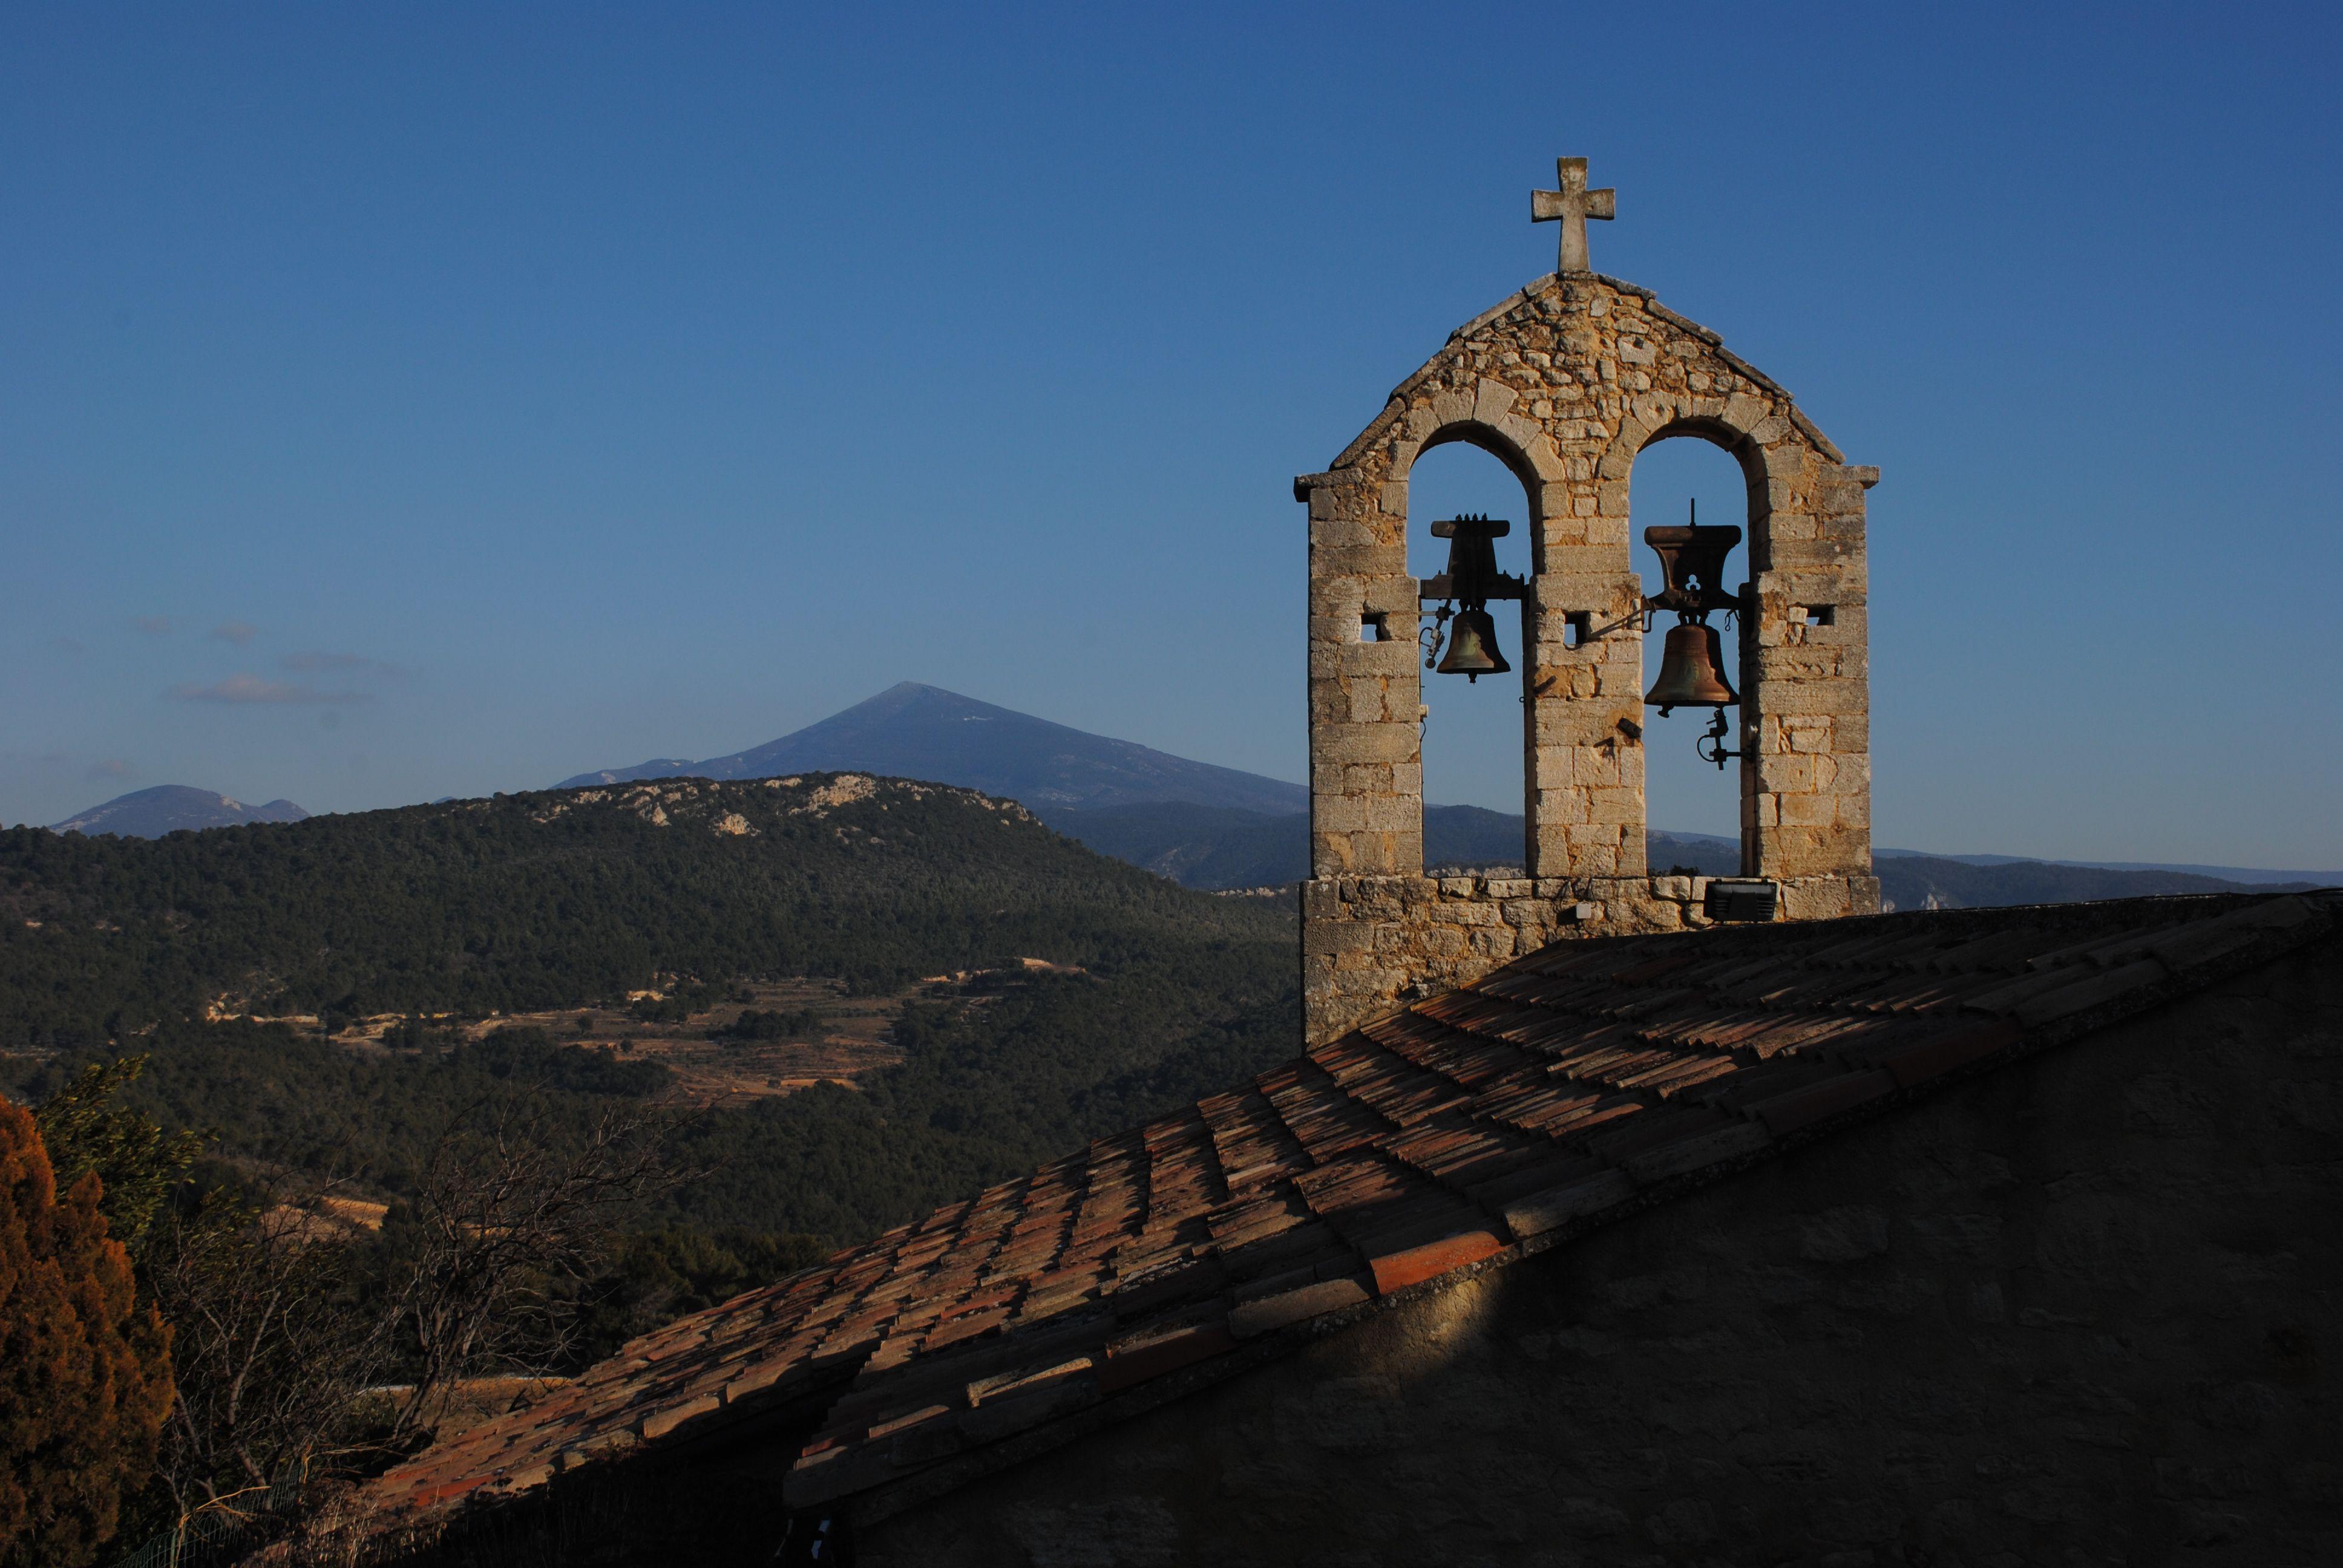 Église romane dans le Vaucluse : projet de sauvegarde